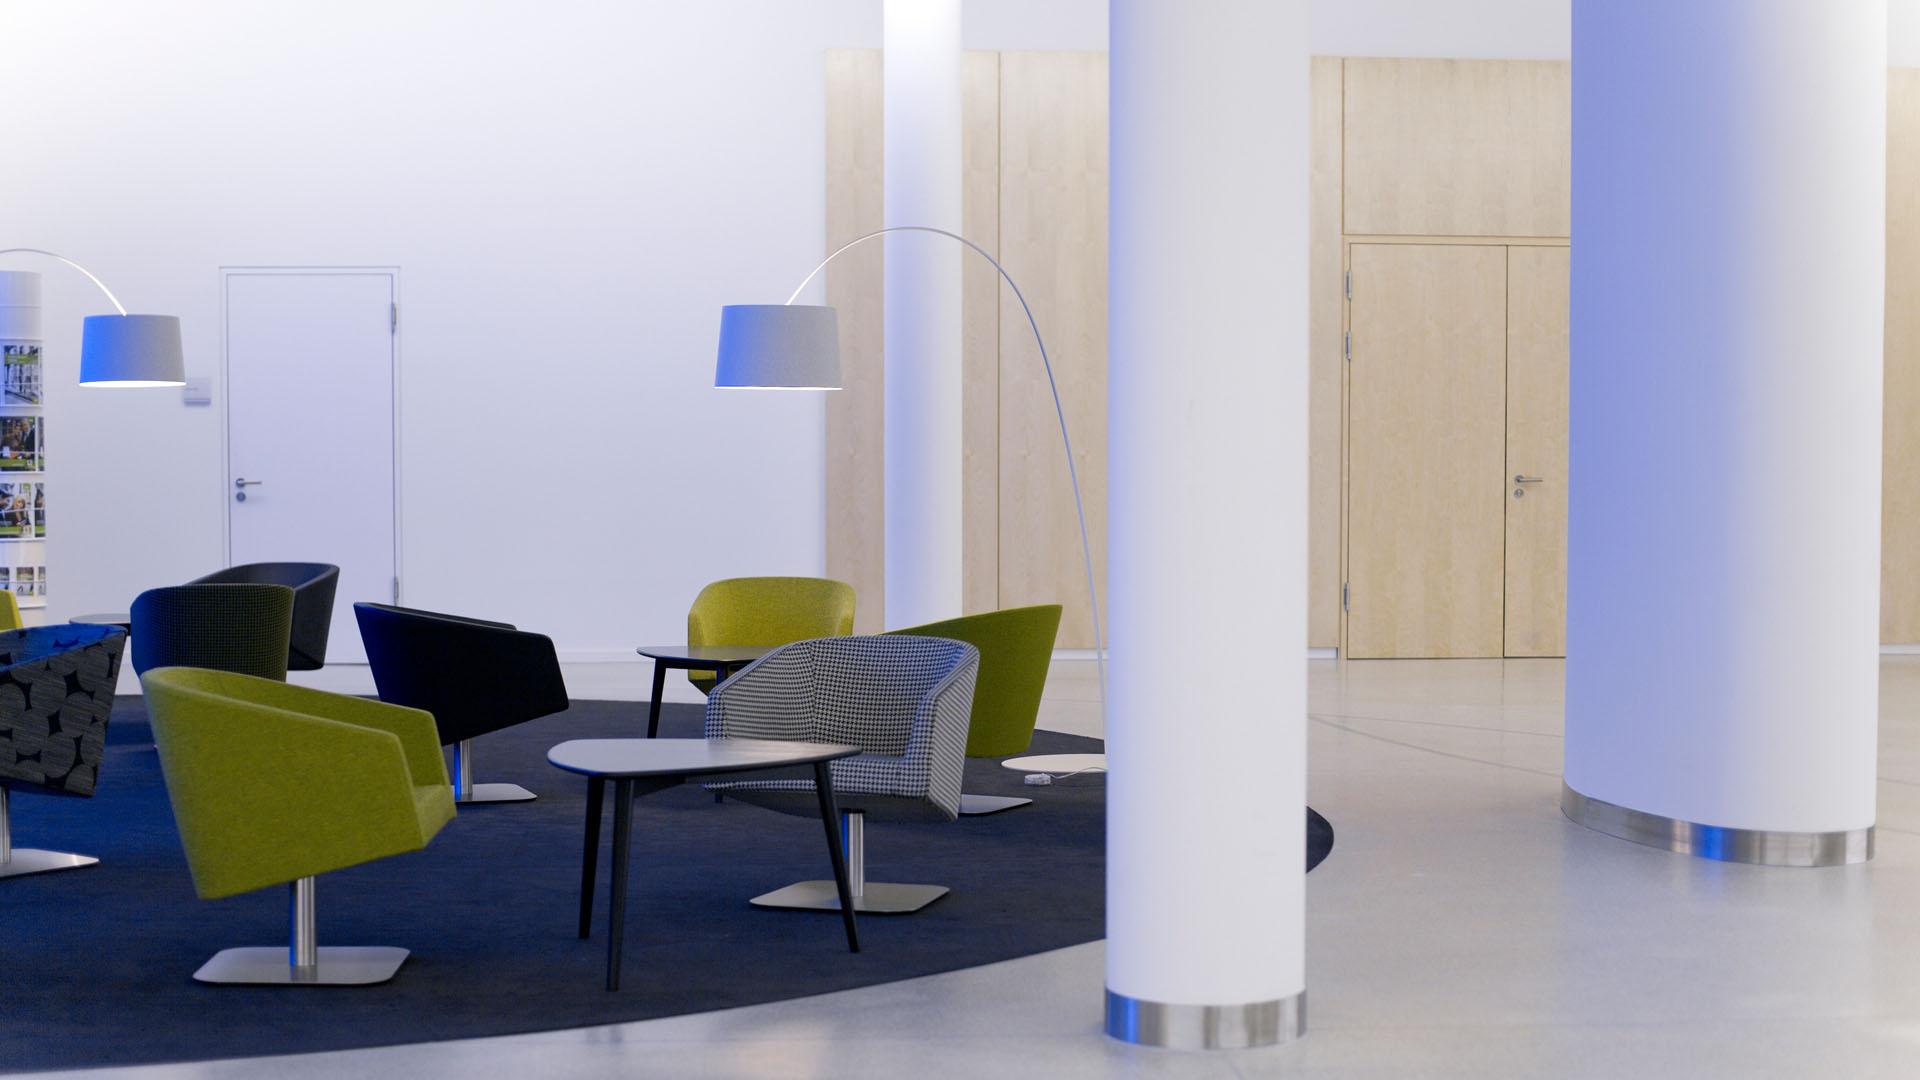 MAASS-Lichtplanung_Lichtplanung im Foyer der SEB Zentrale__MAASS-Skylight-Foyer-003